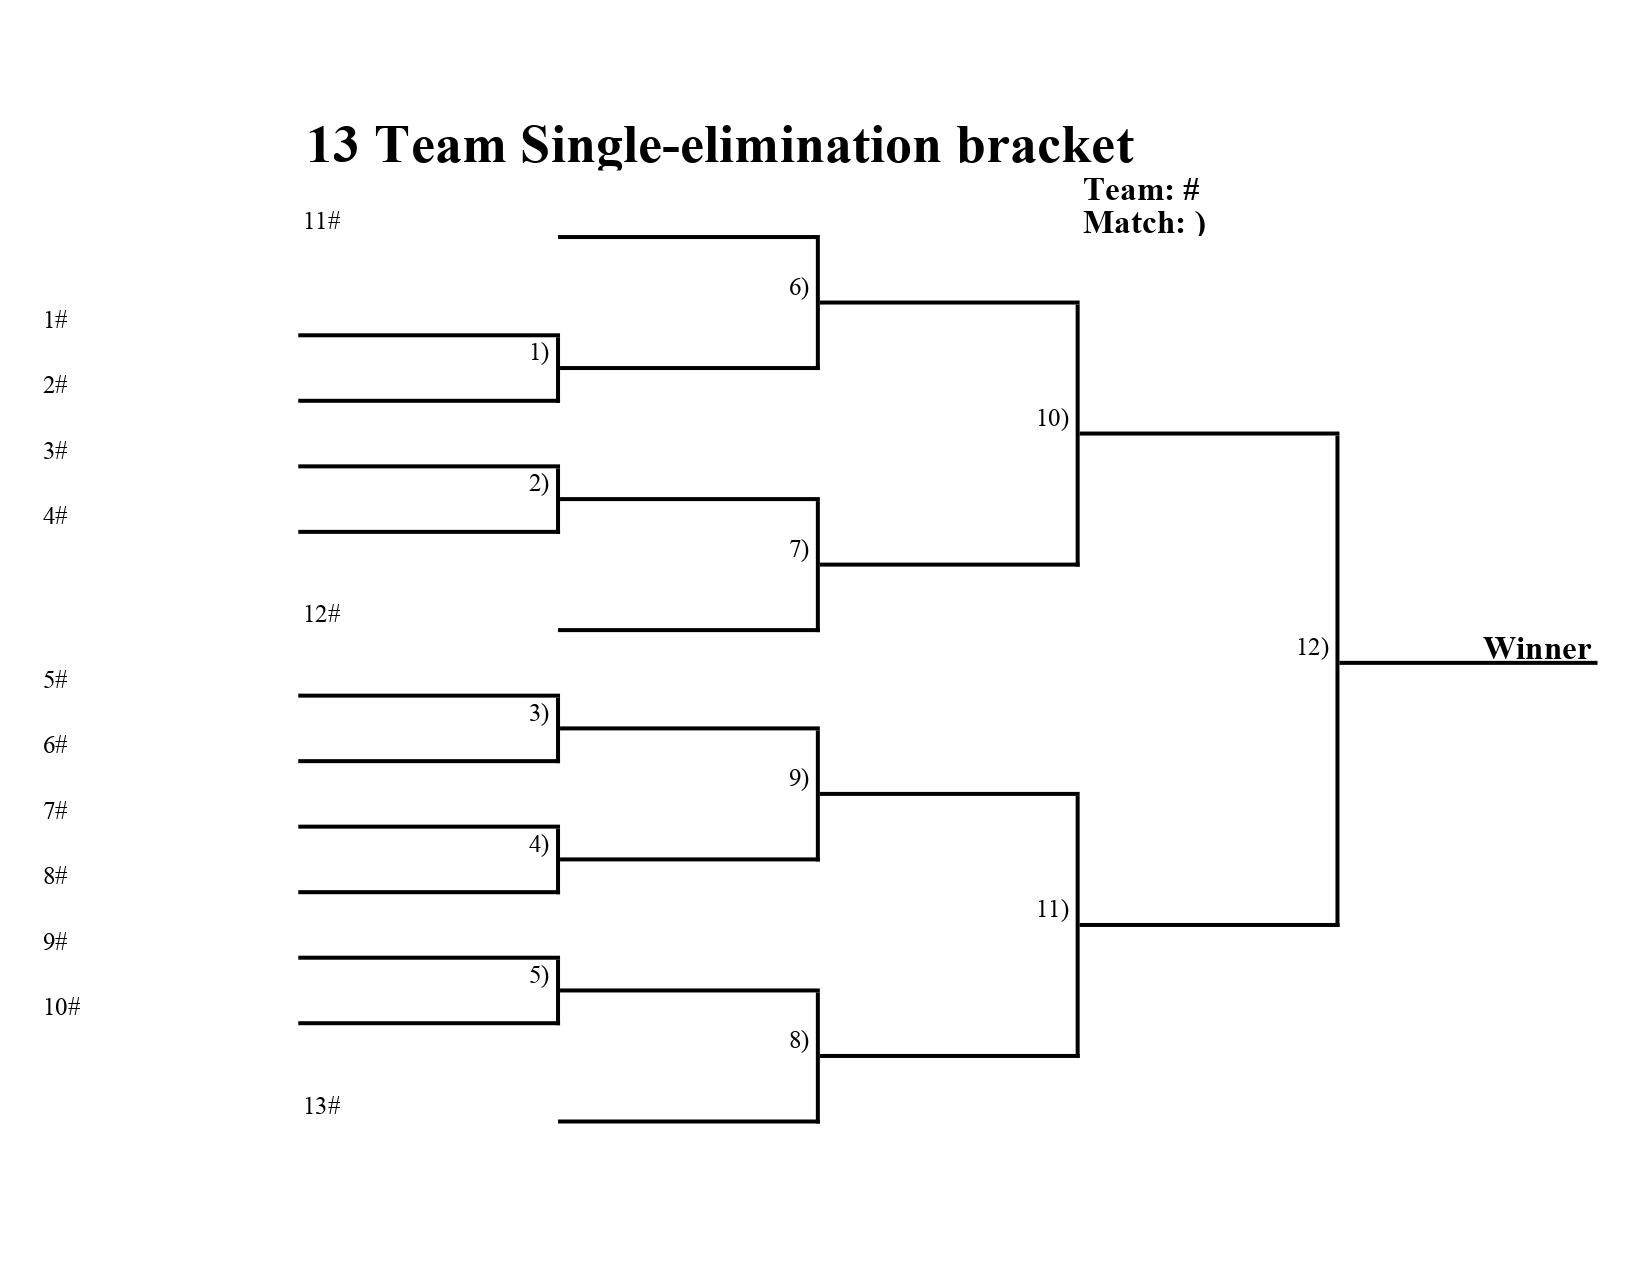 13-team single-elimination